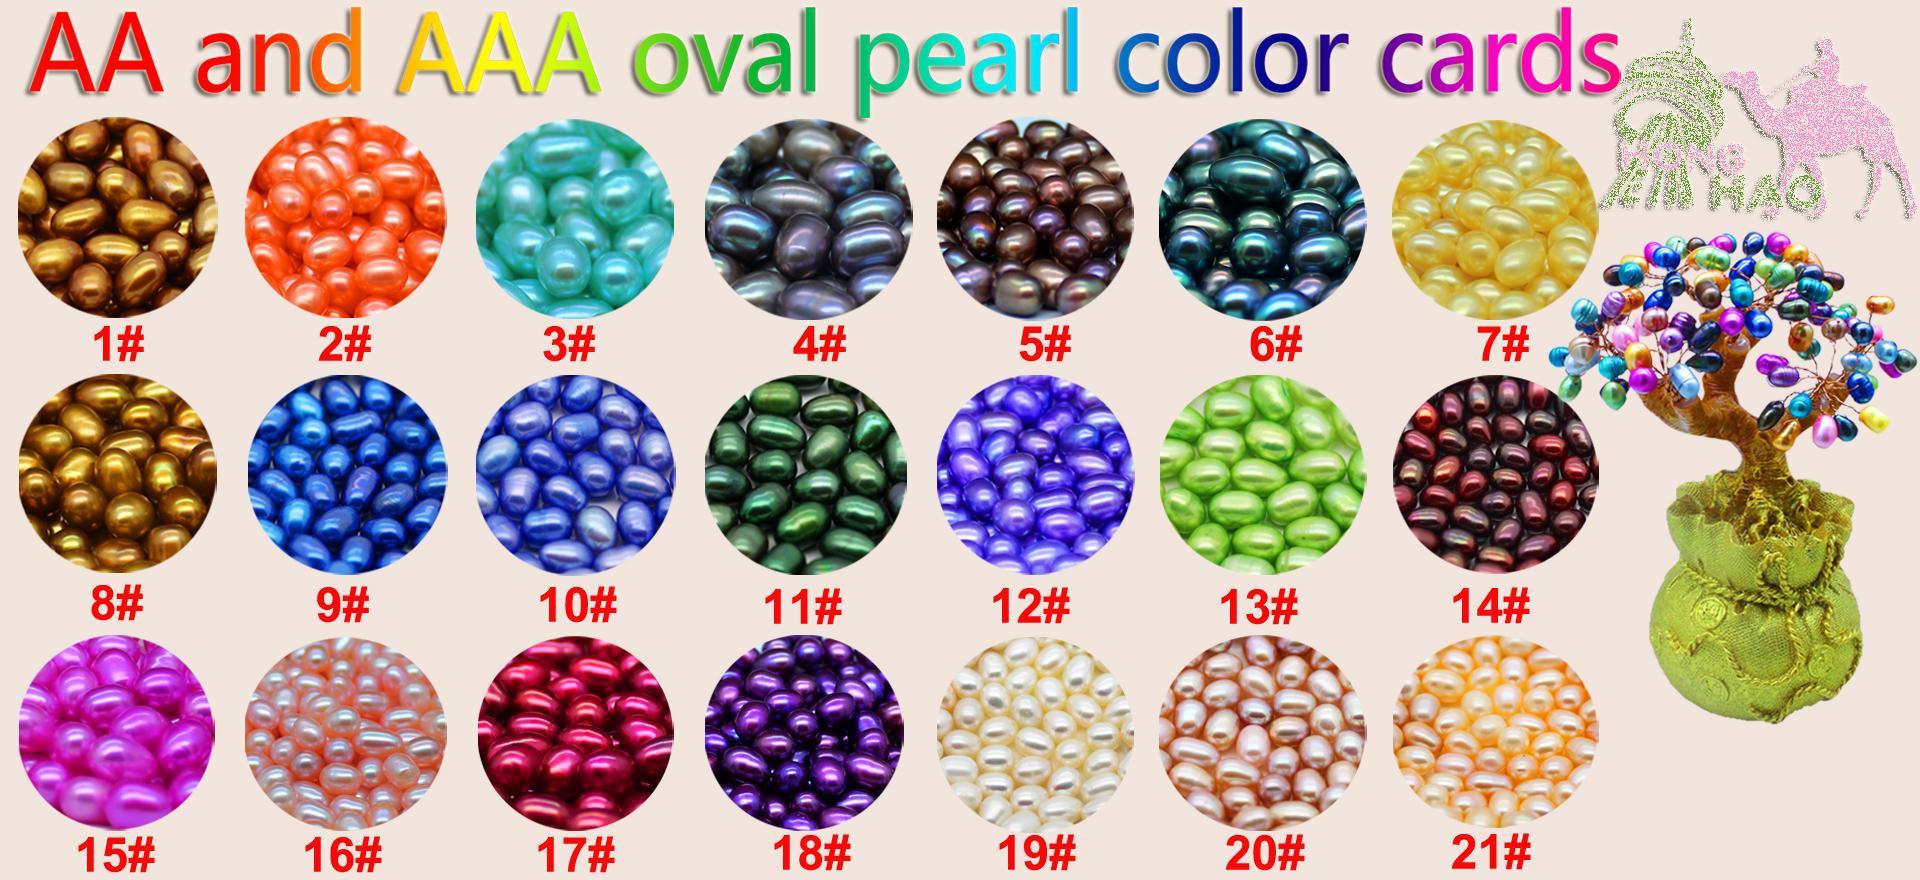 Oval Oyster Pearl 2018 New 6-8mm 3 Stesso colore naturale perla d'acqua dolce regalo, confezione sciolto decorazione sottovuoto spedizione gratuita